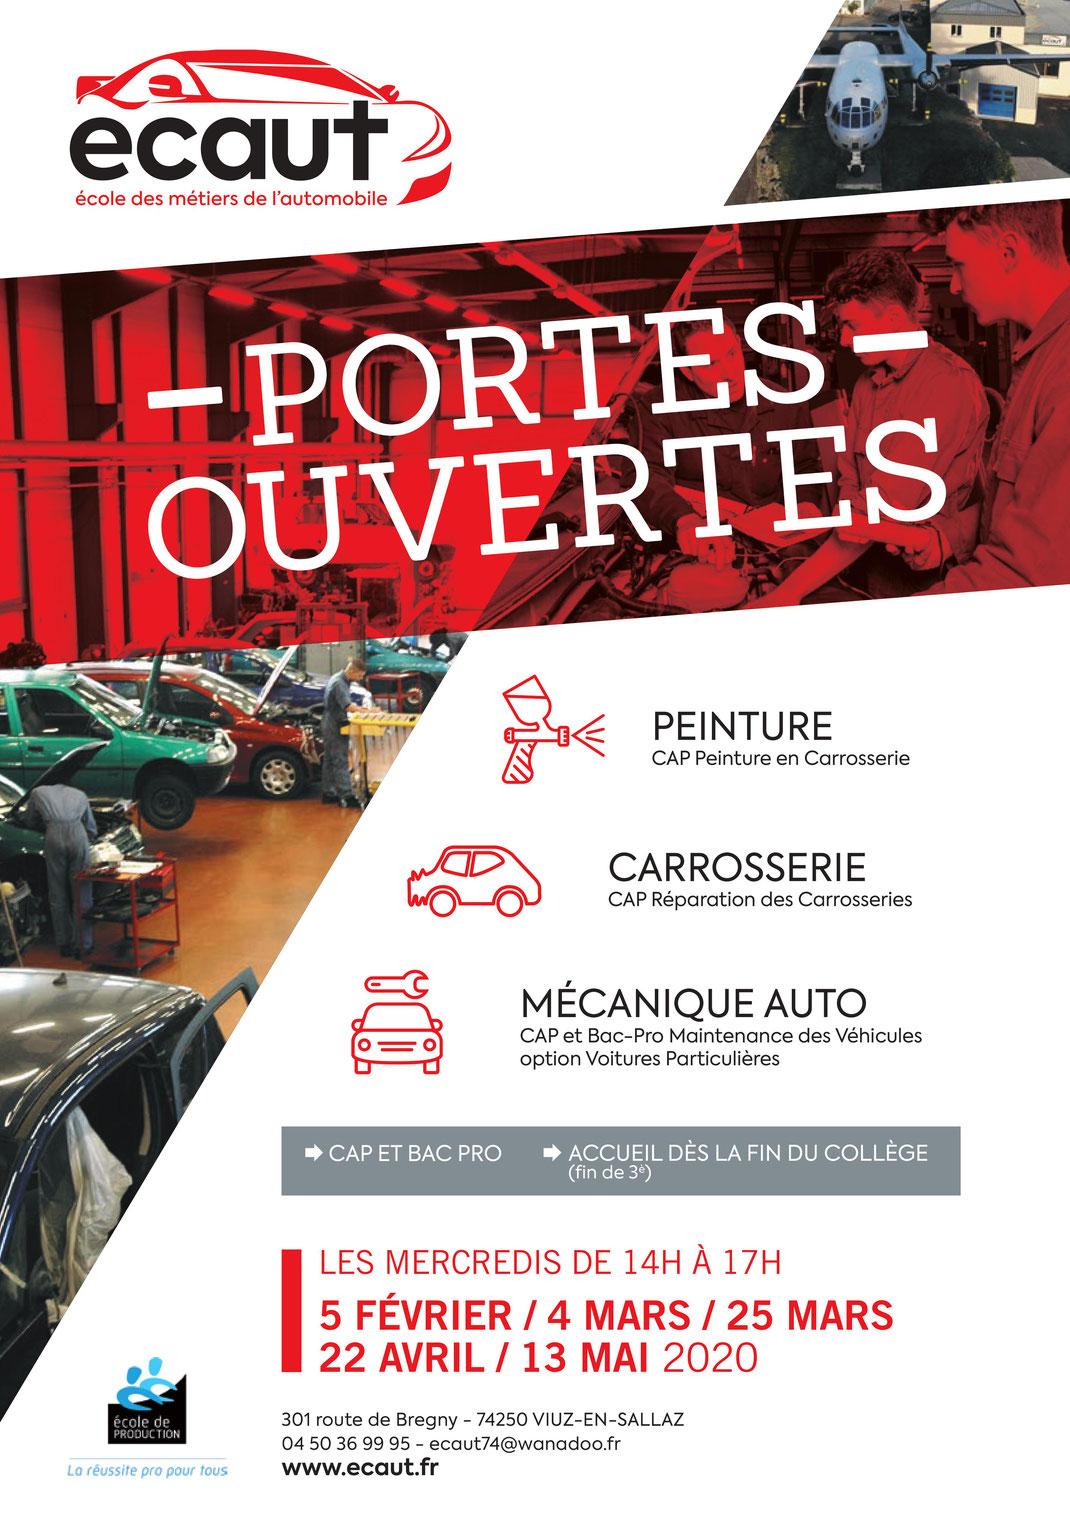 ECAUT - CAP | BAC PROFESSIONNEL  Portes ouvertes: Mercredi 25 Mars 2020 14:00-17:00  ECAUT - 301, route de Bregny - 74250 Viuz-en-Sallaz  04 50 36 99 95 | ecaut74@ecaut.com | https://www.ecaut.com/